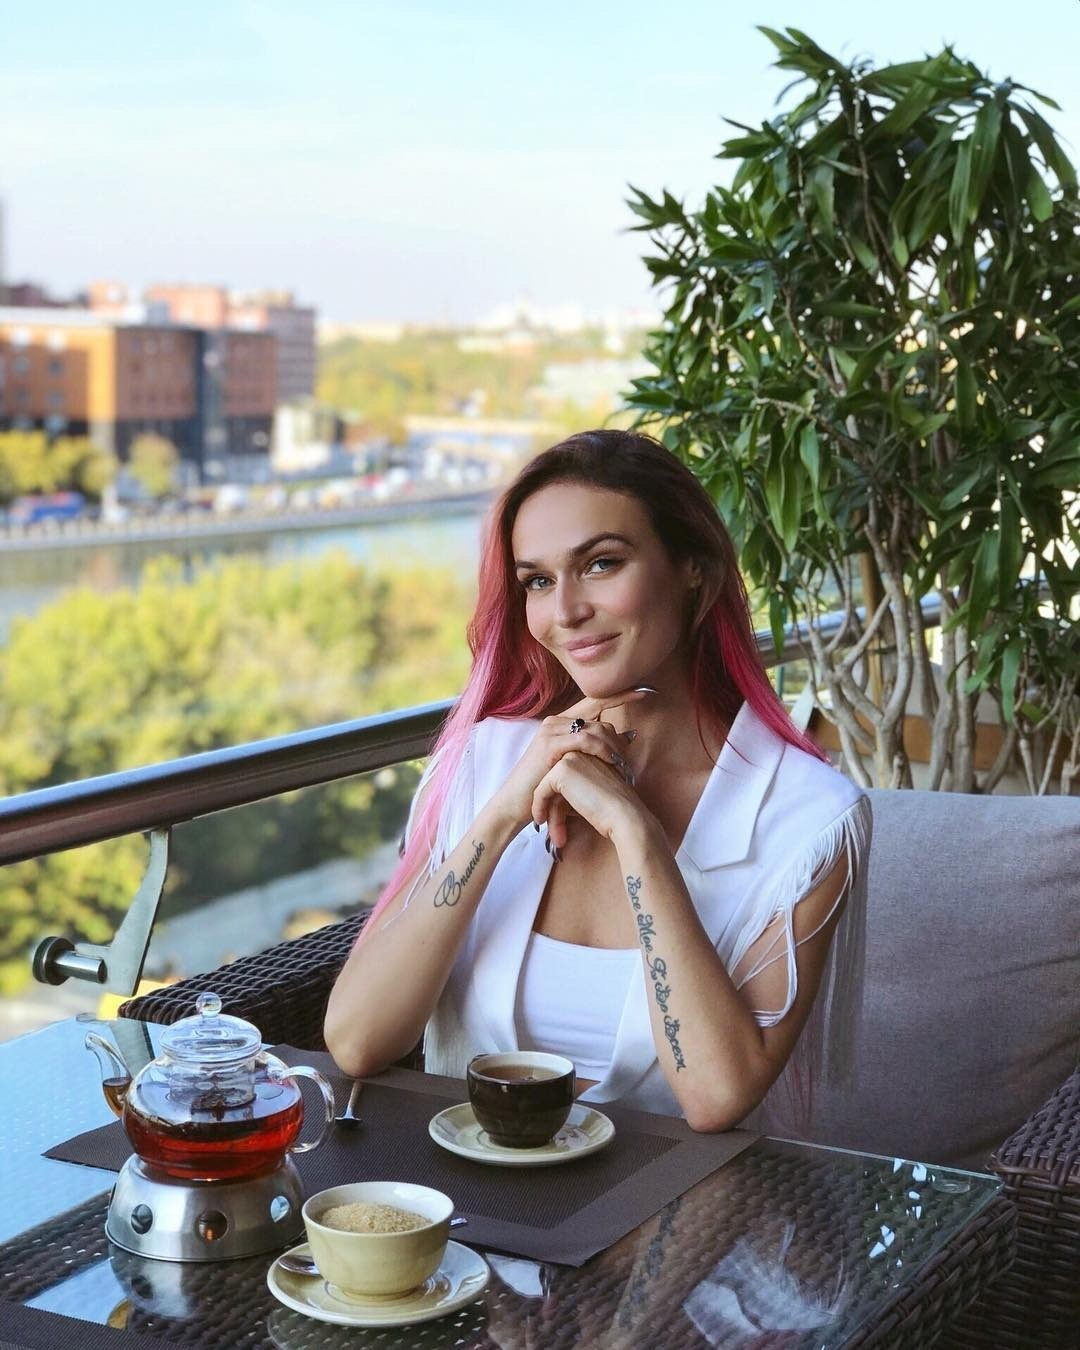 Водонаева уверена, что «продавать свою личную жизнь» — это нормально для публичного человека, коим Ксения Собчак и является. По мнению ведущей, из-за этой громкой истории люди разделились...